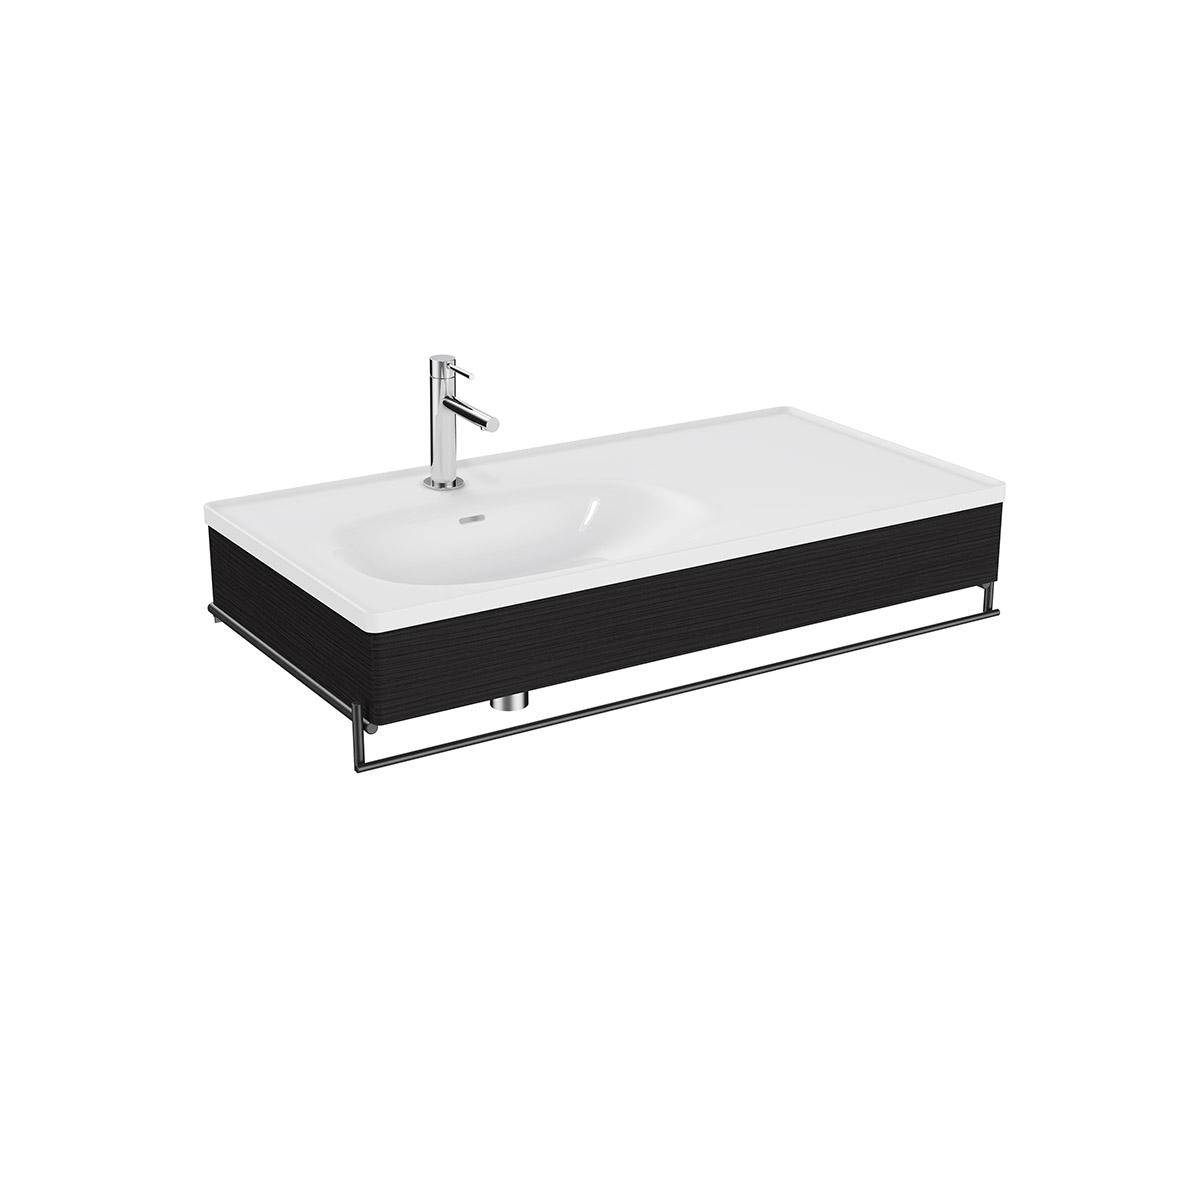 Equal Set Möbelwaschtisch asymmetrisch, 100 cm, mit Holzblende und Handtuchhalter, Weiß Hochglanz/Schwarz-Eiche